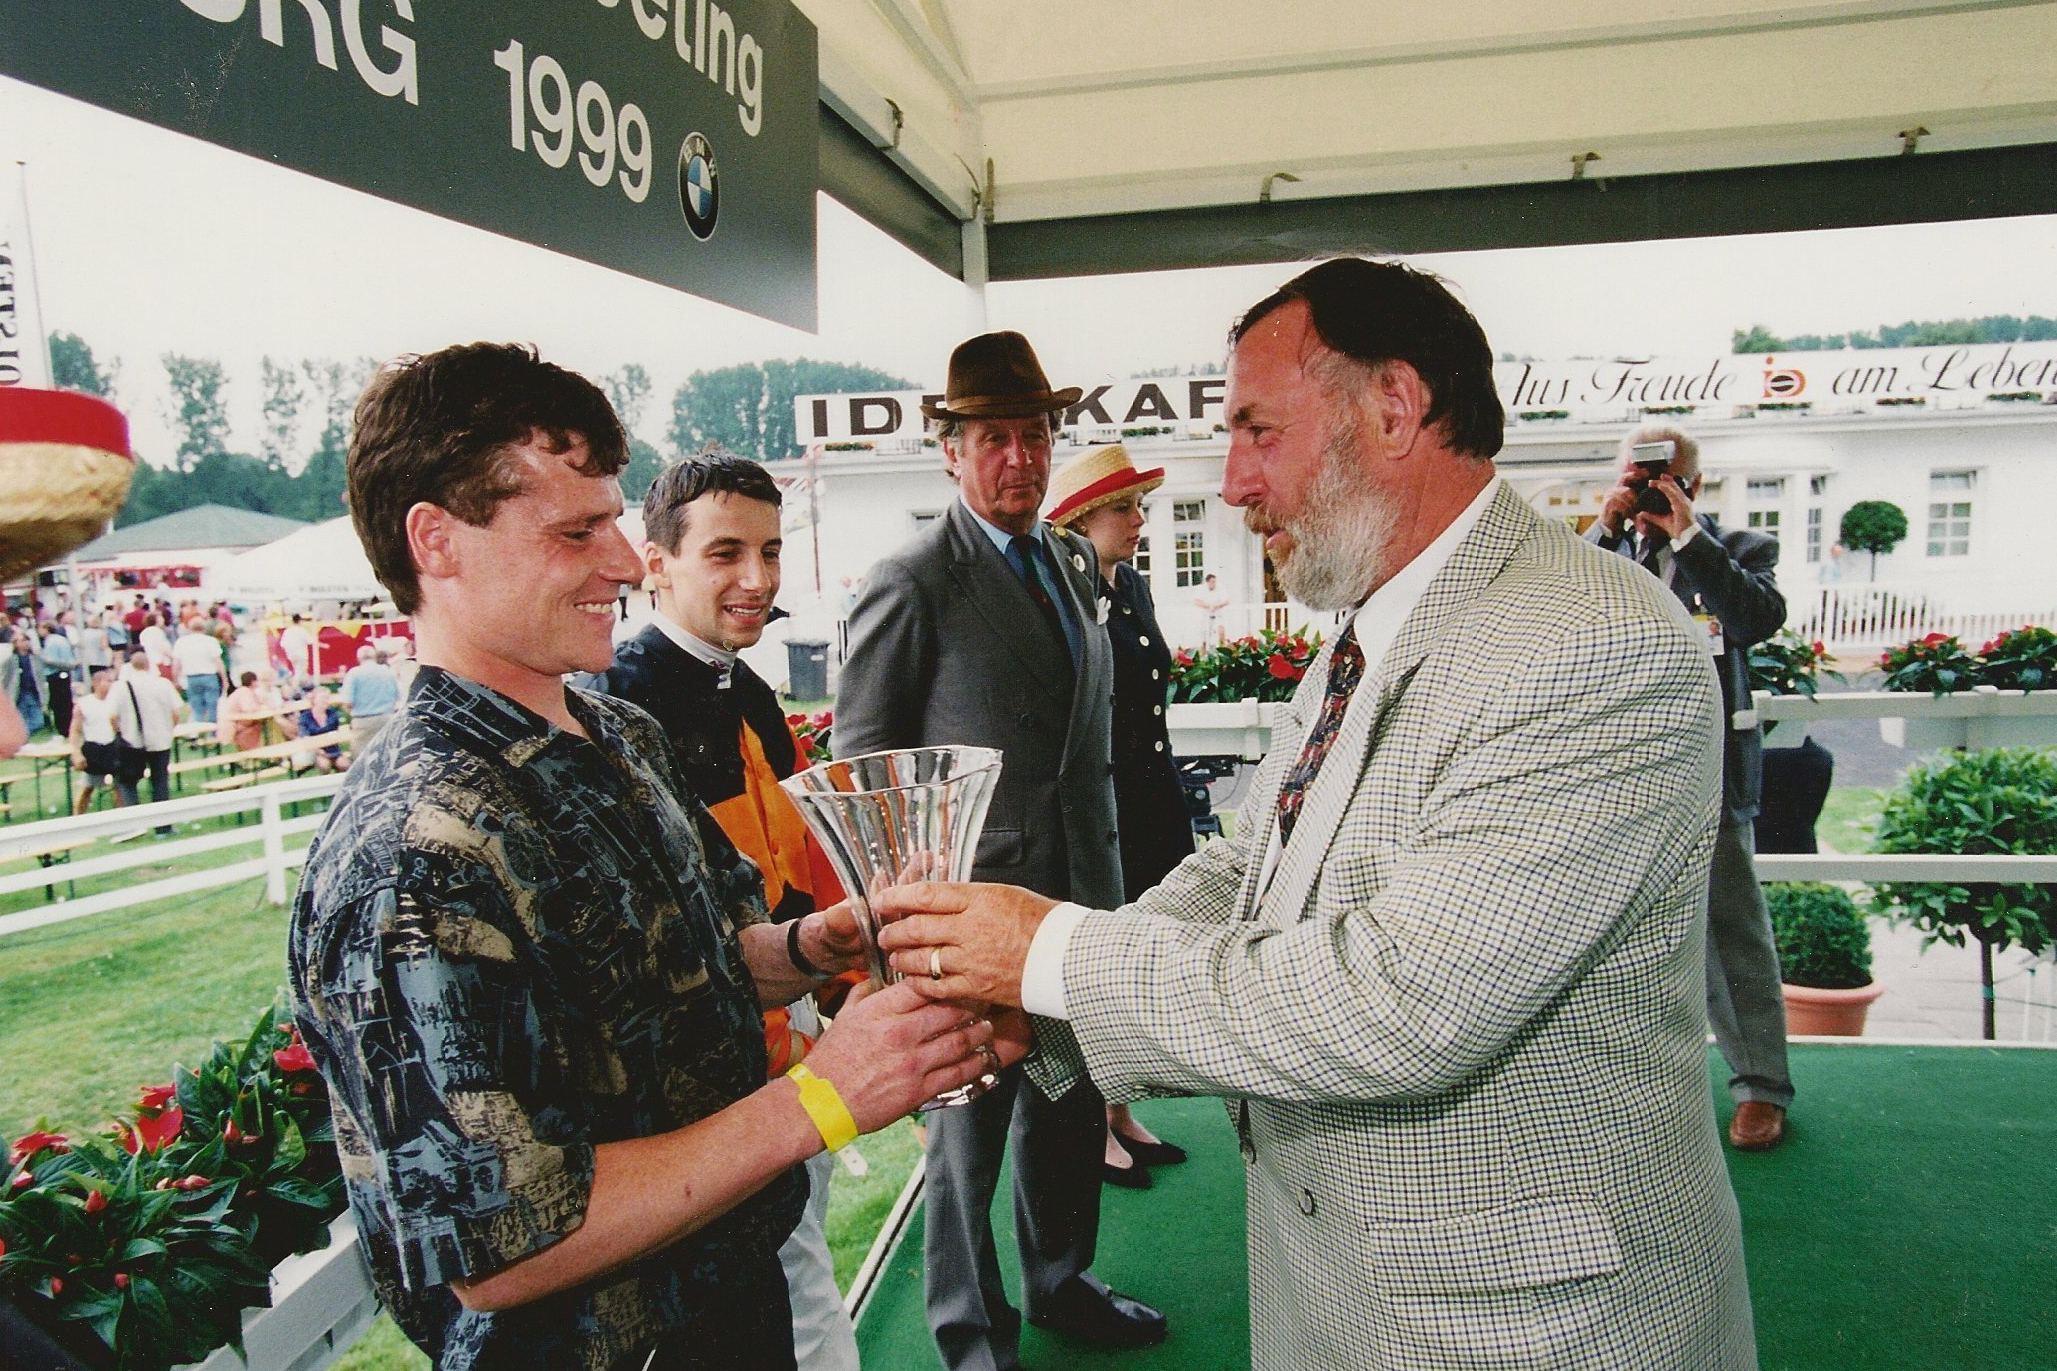 Und bei der Preisübergabe des Hamburger Derbys. Im Hintergrund ist Albert Daboven zu sehen. Foto: Dieter Schreck